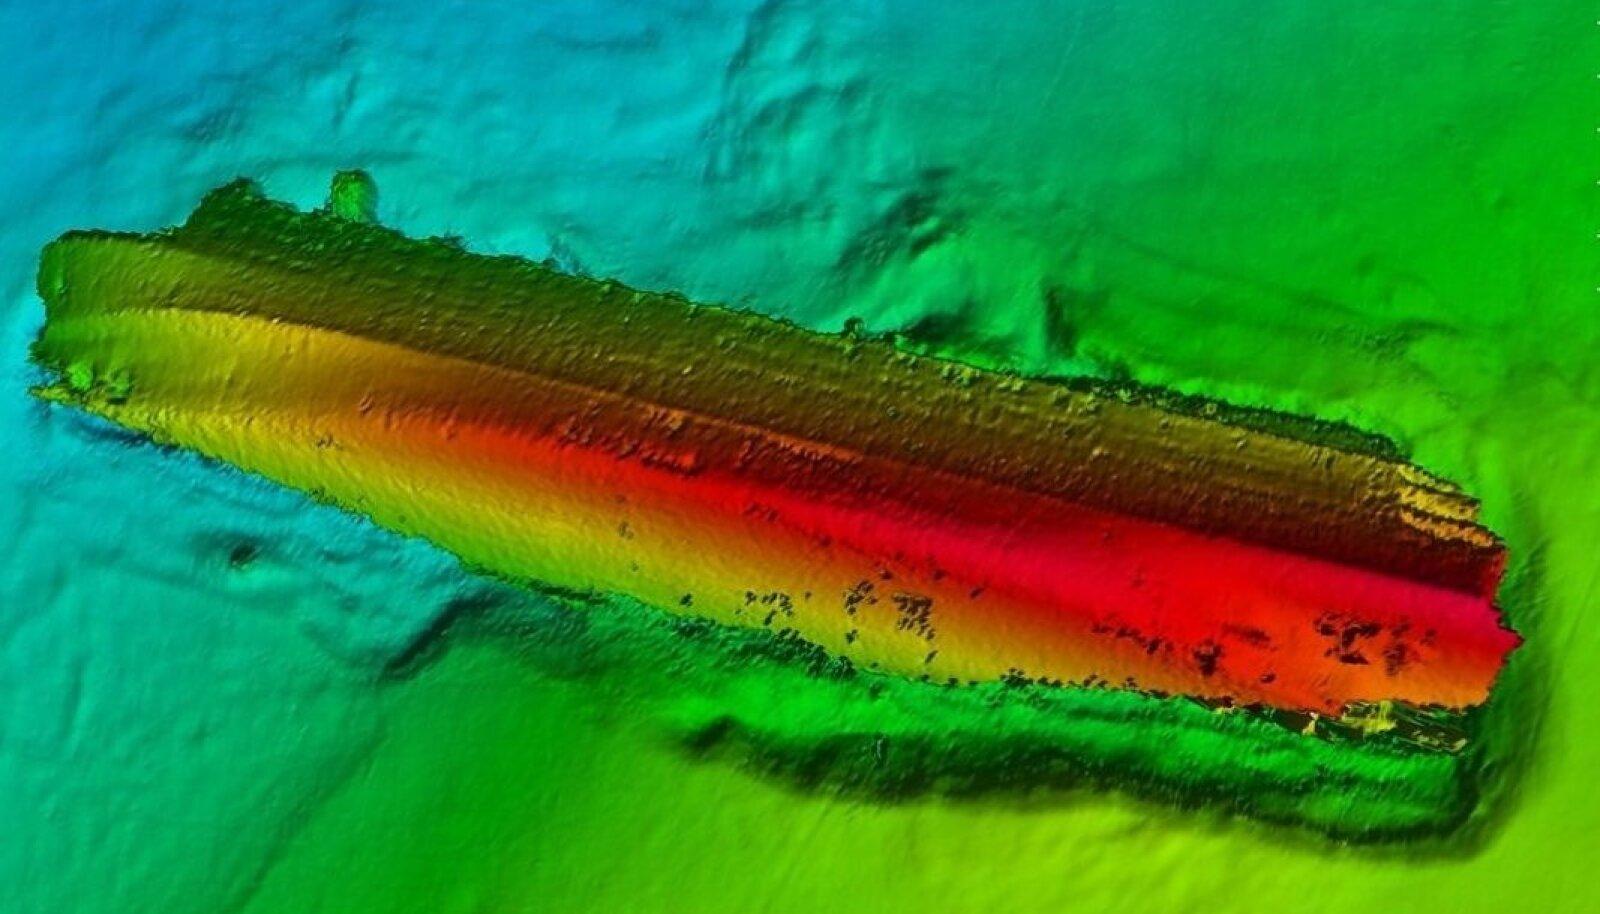 LEHVIKSONARI PILT: Estonia lebamas külili mere põhjas, mis laeva keskelt on kõva (moreen ja graniit), mõlemas otsas aga savine. Keret läbistav auk asetseb all paremas pardas.